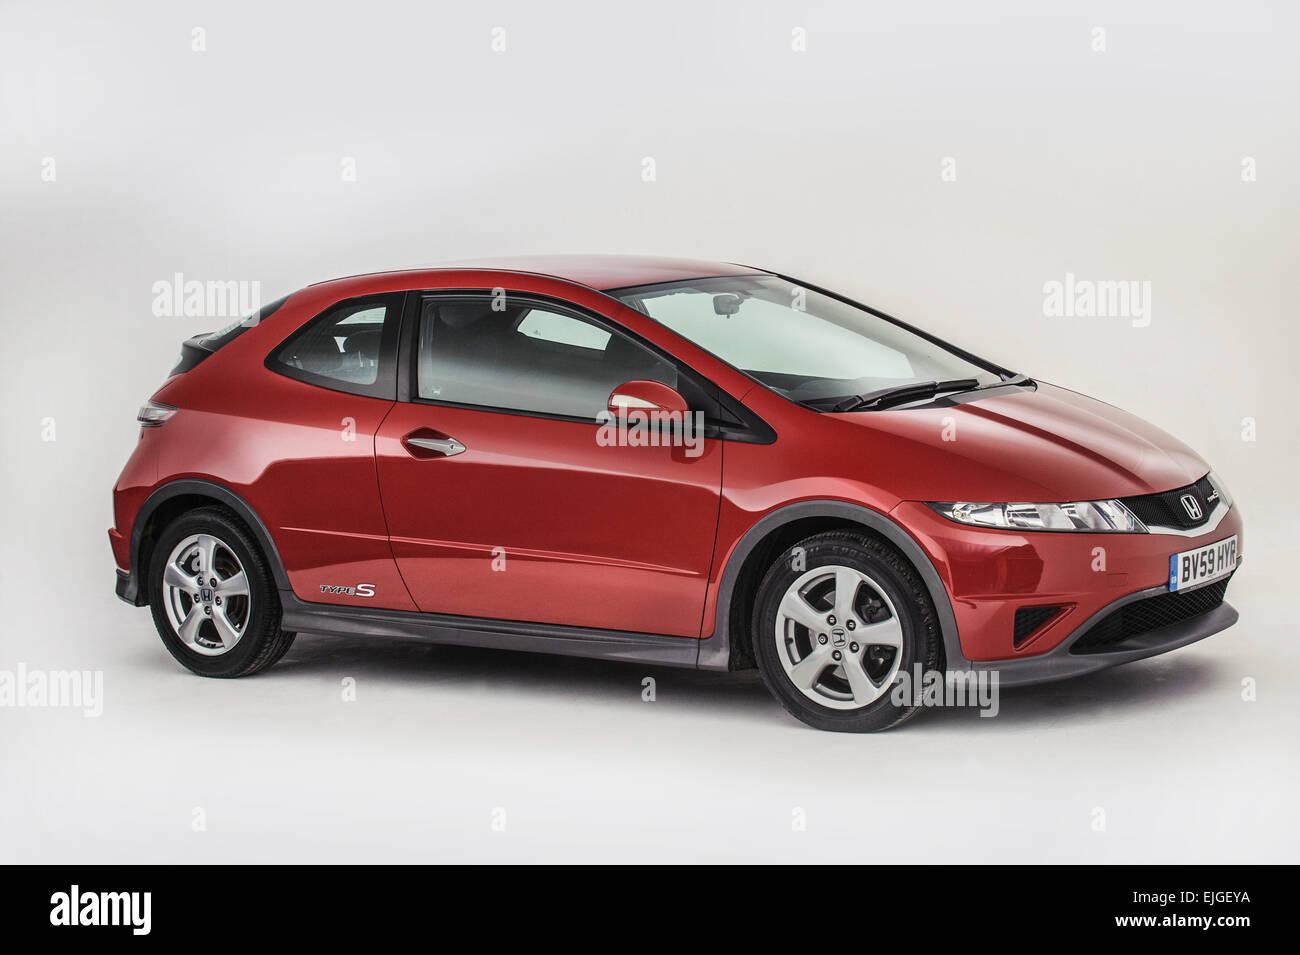 2009 Honda Civic type S - Stock Image